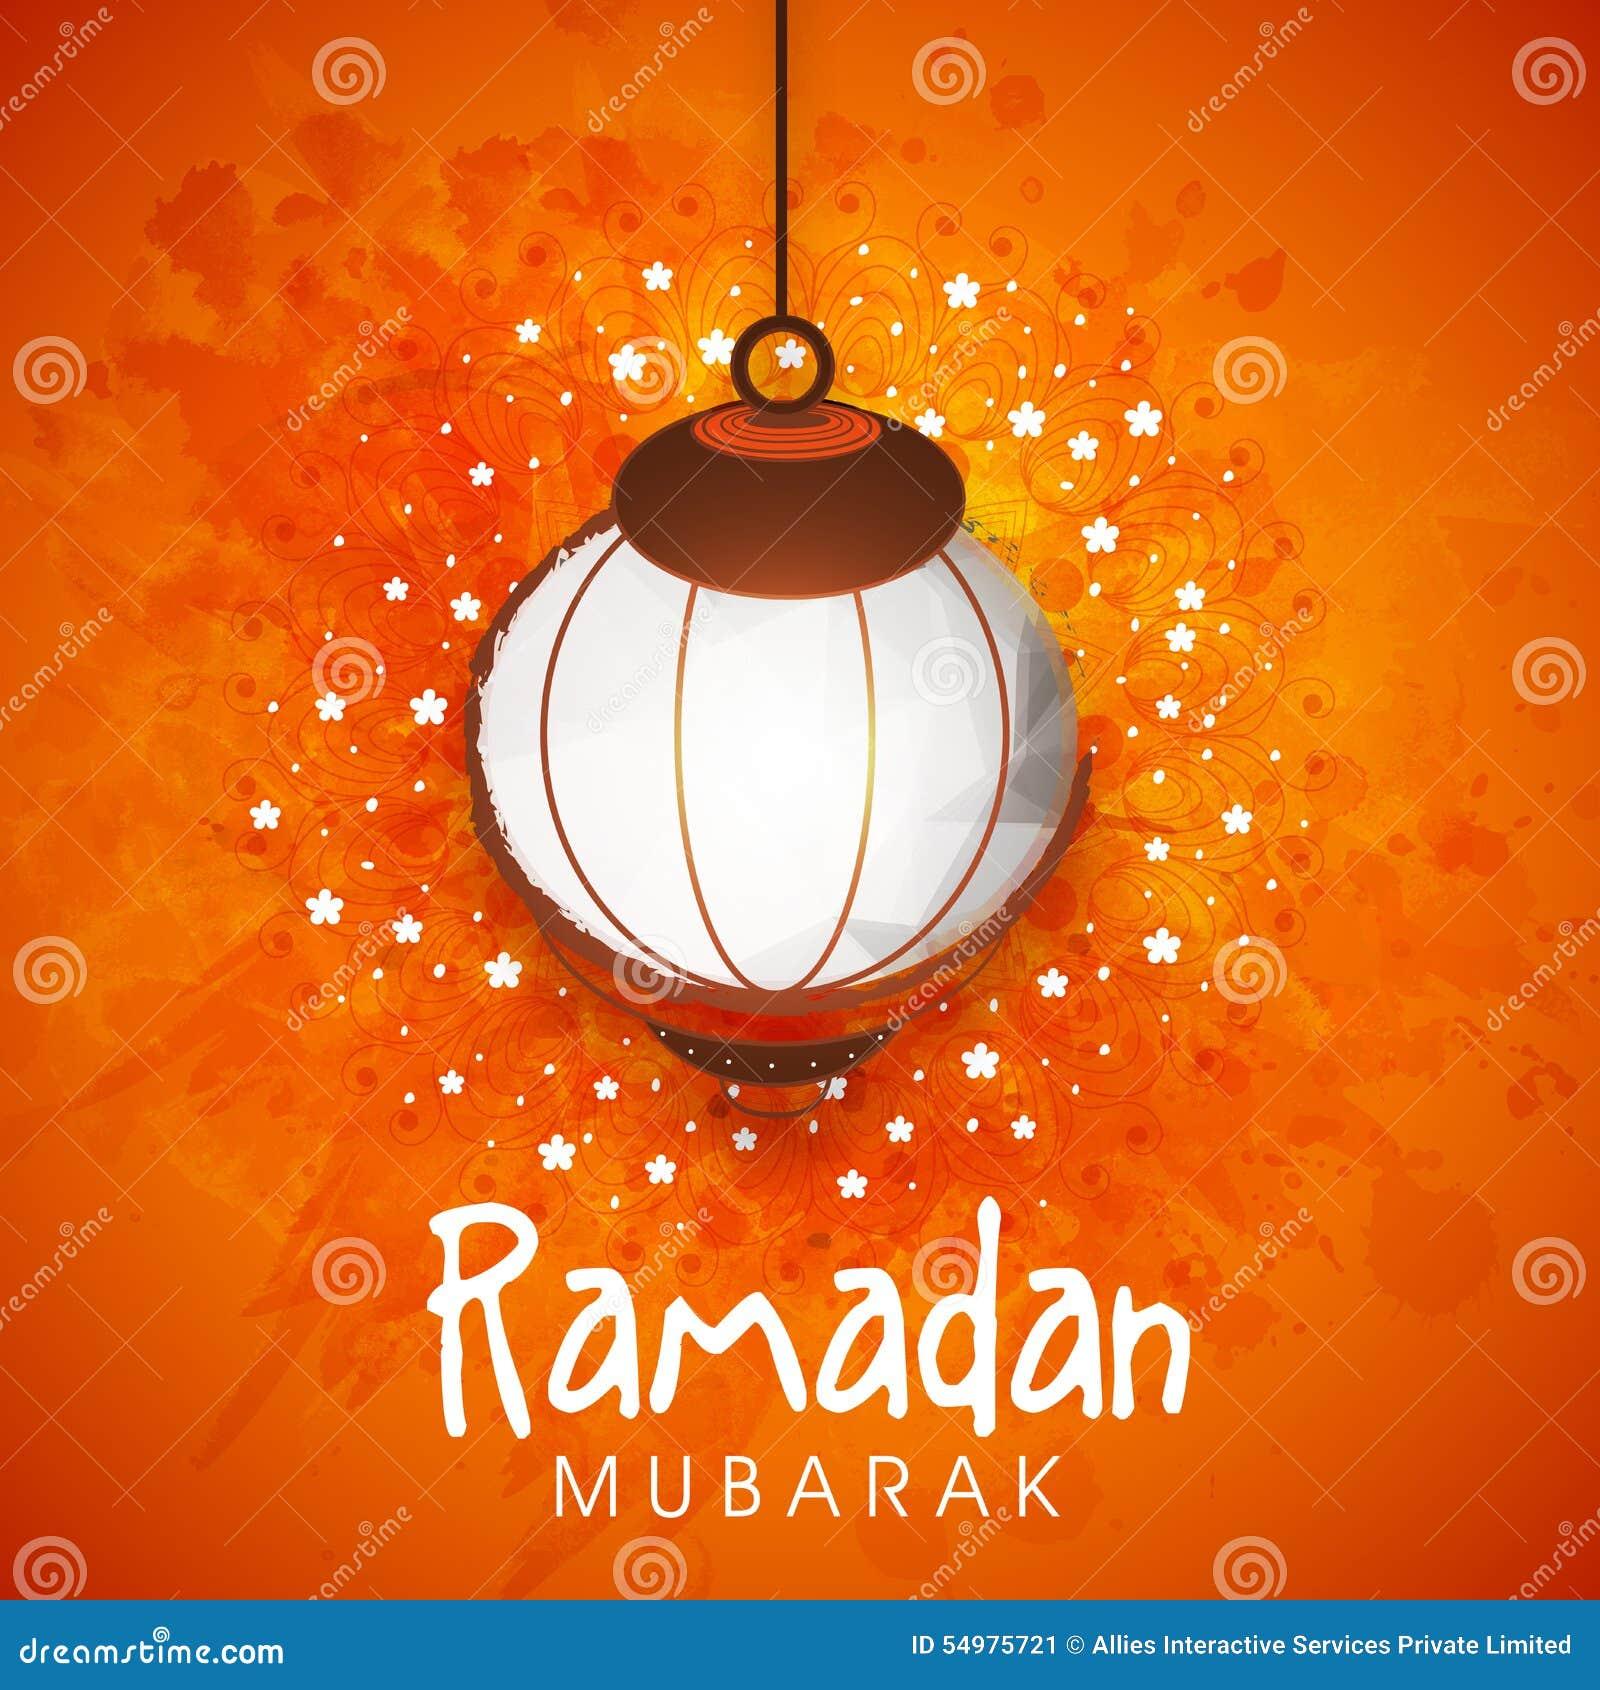 Creative lantern for Ramadan Mubarak celebration.